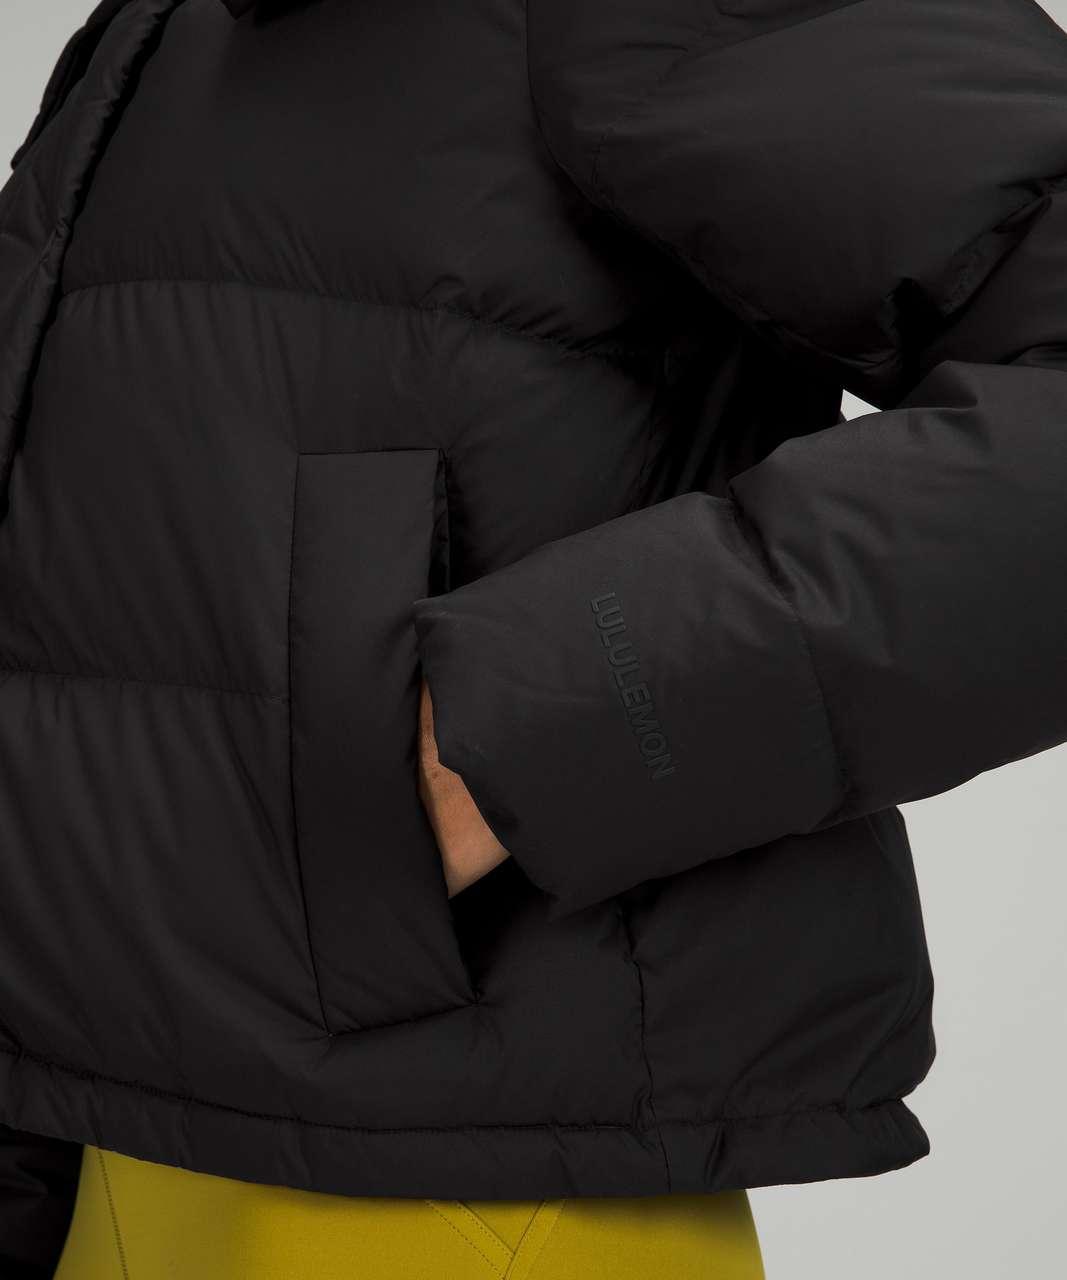 Lululemon Wunder Puff Cropped Jacket - Black